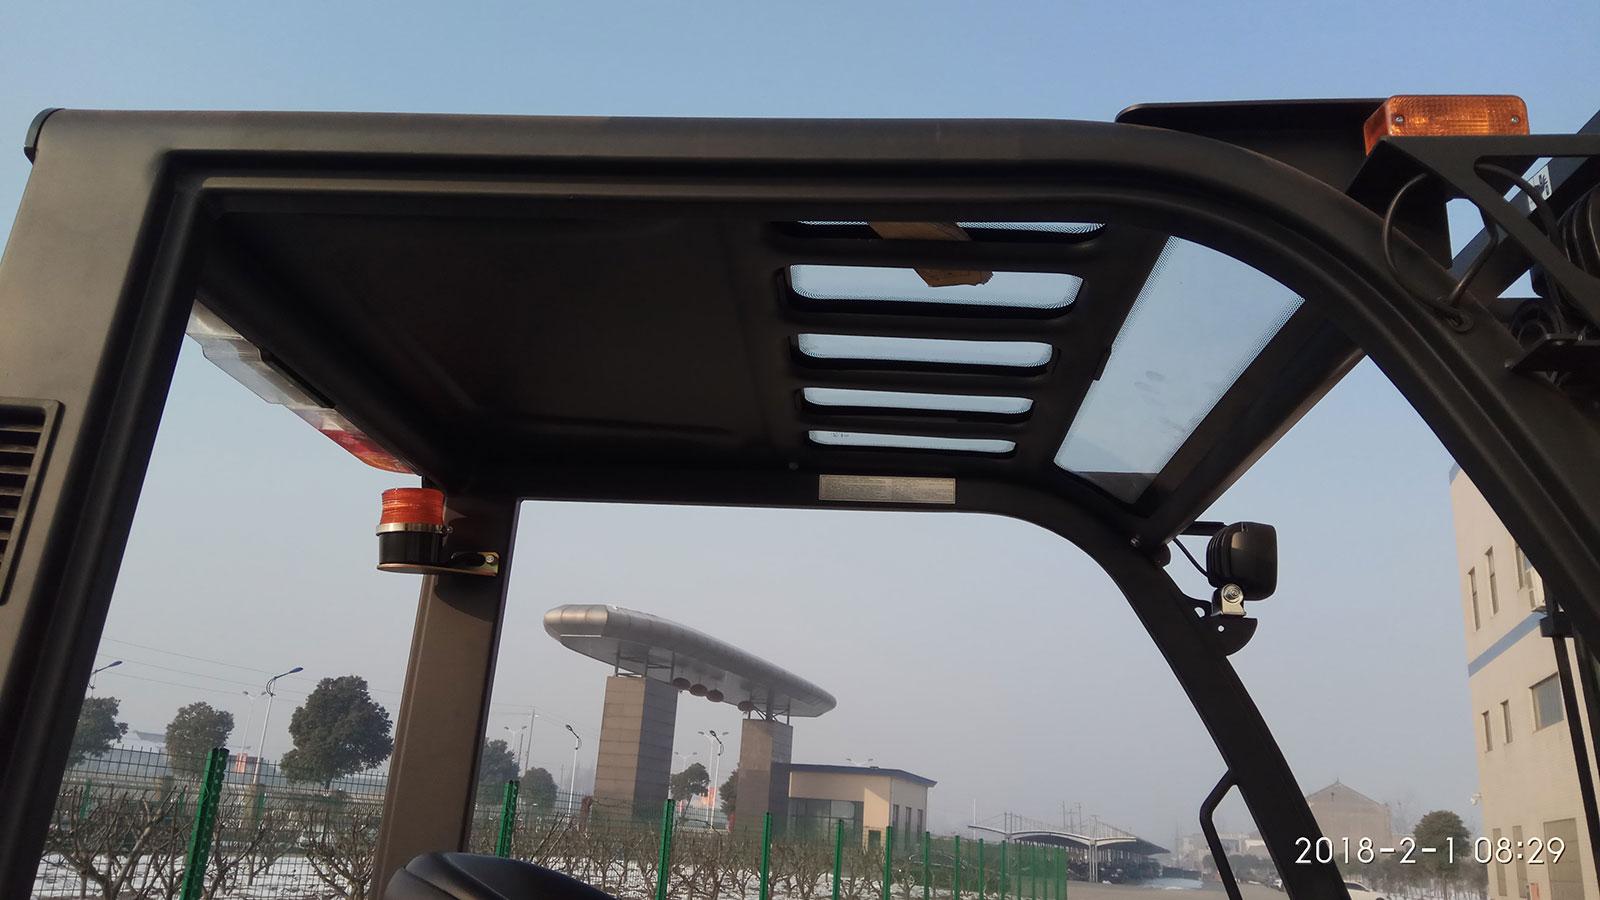 khung xe nâng dầu mga forklift 5.0 tấn